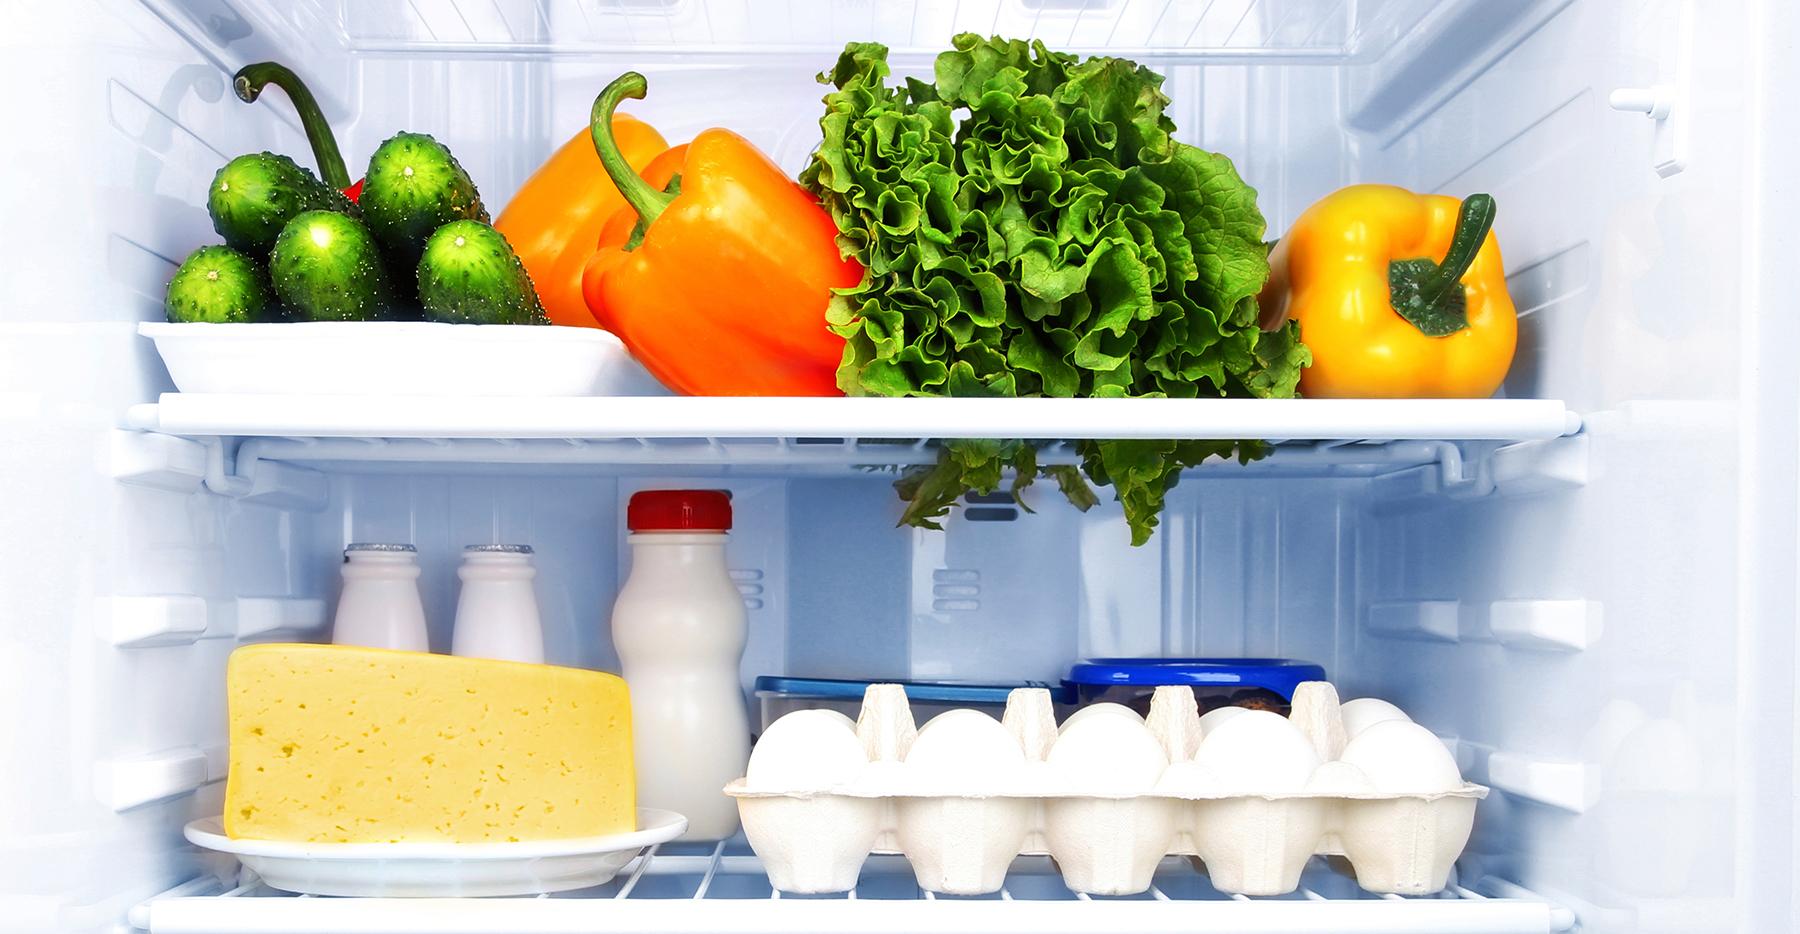 fridge-of-food